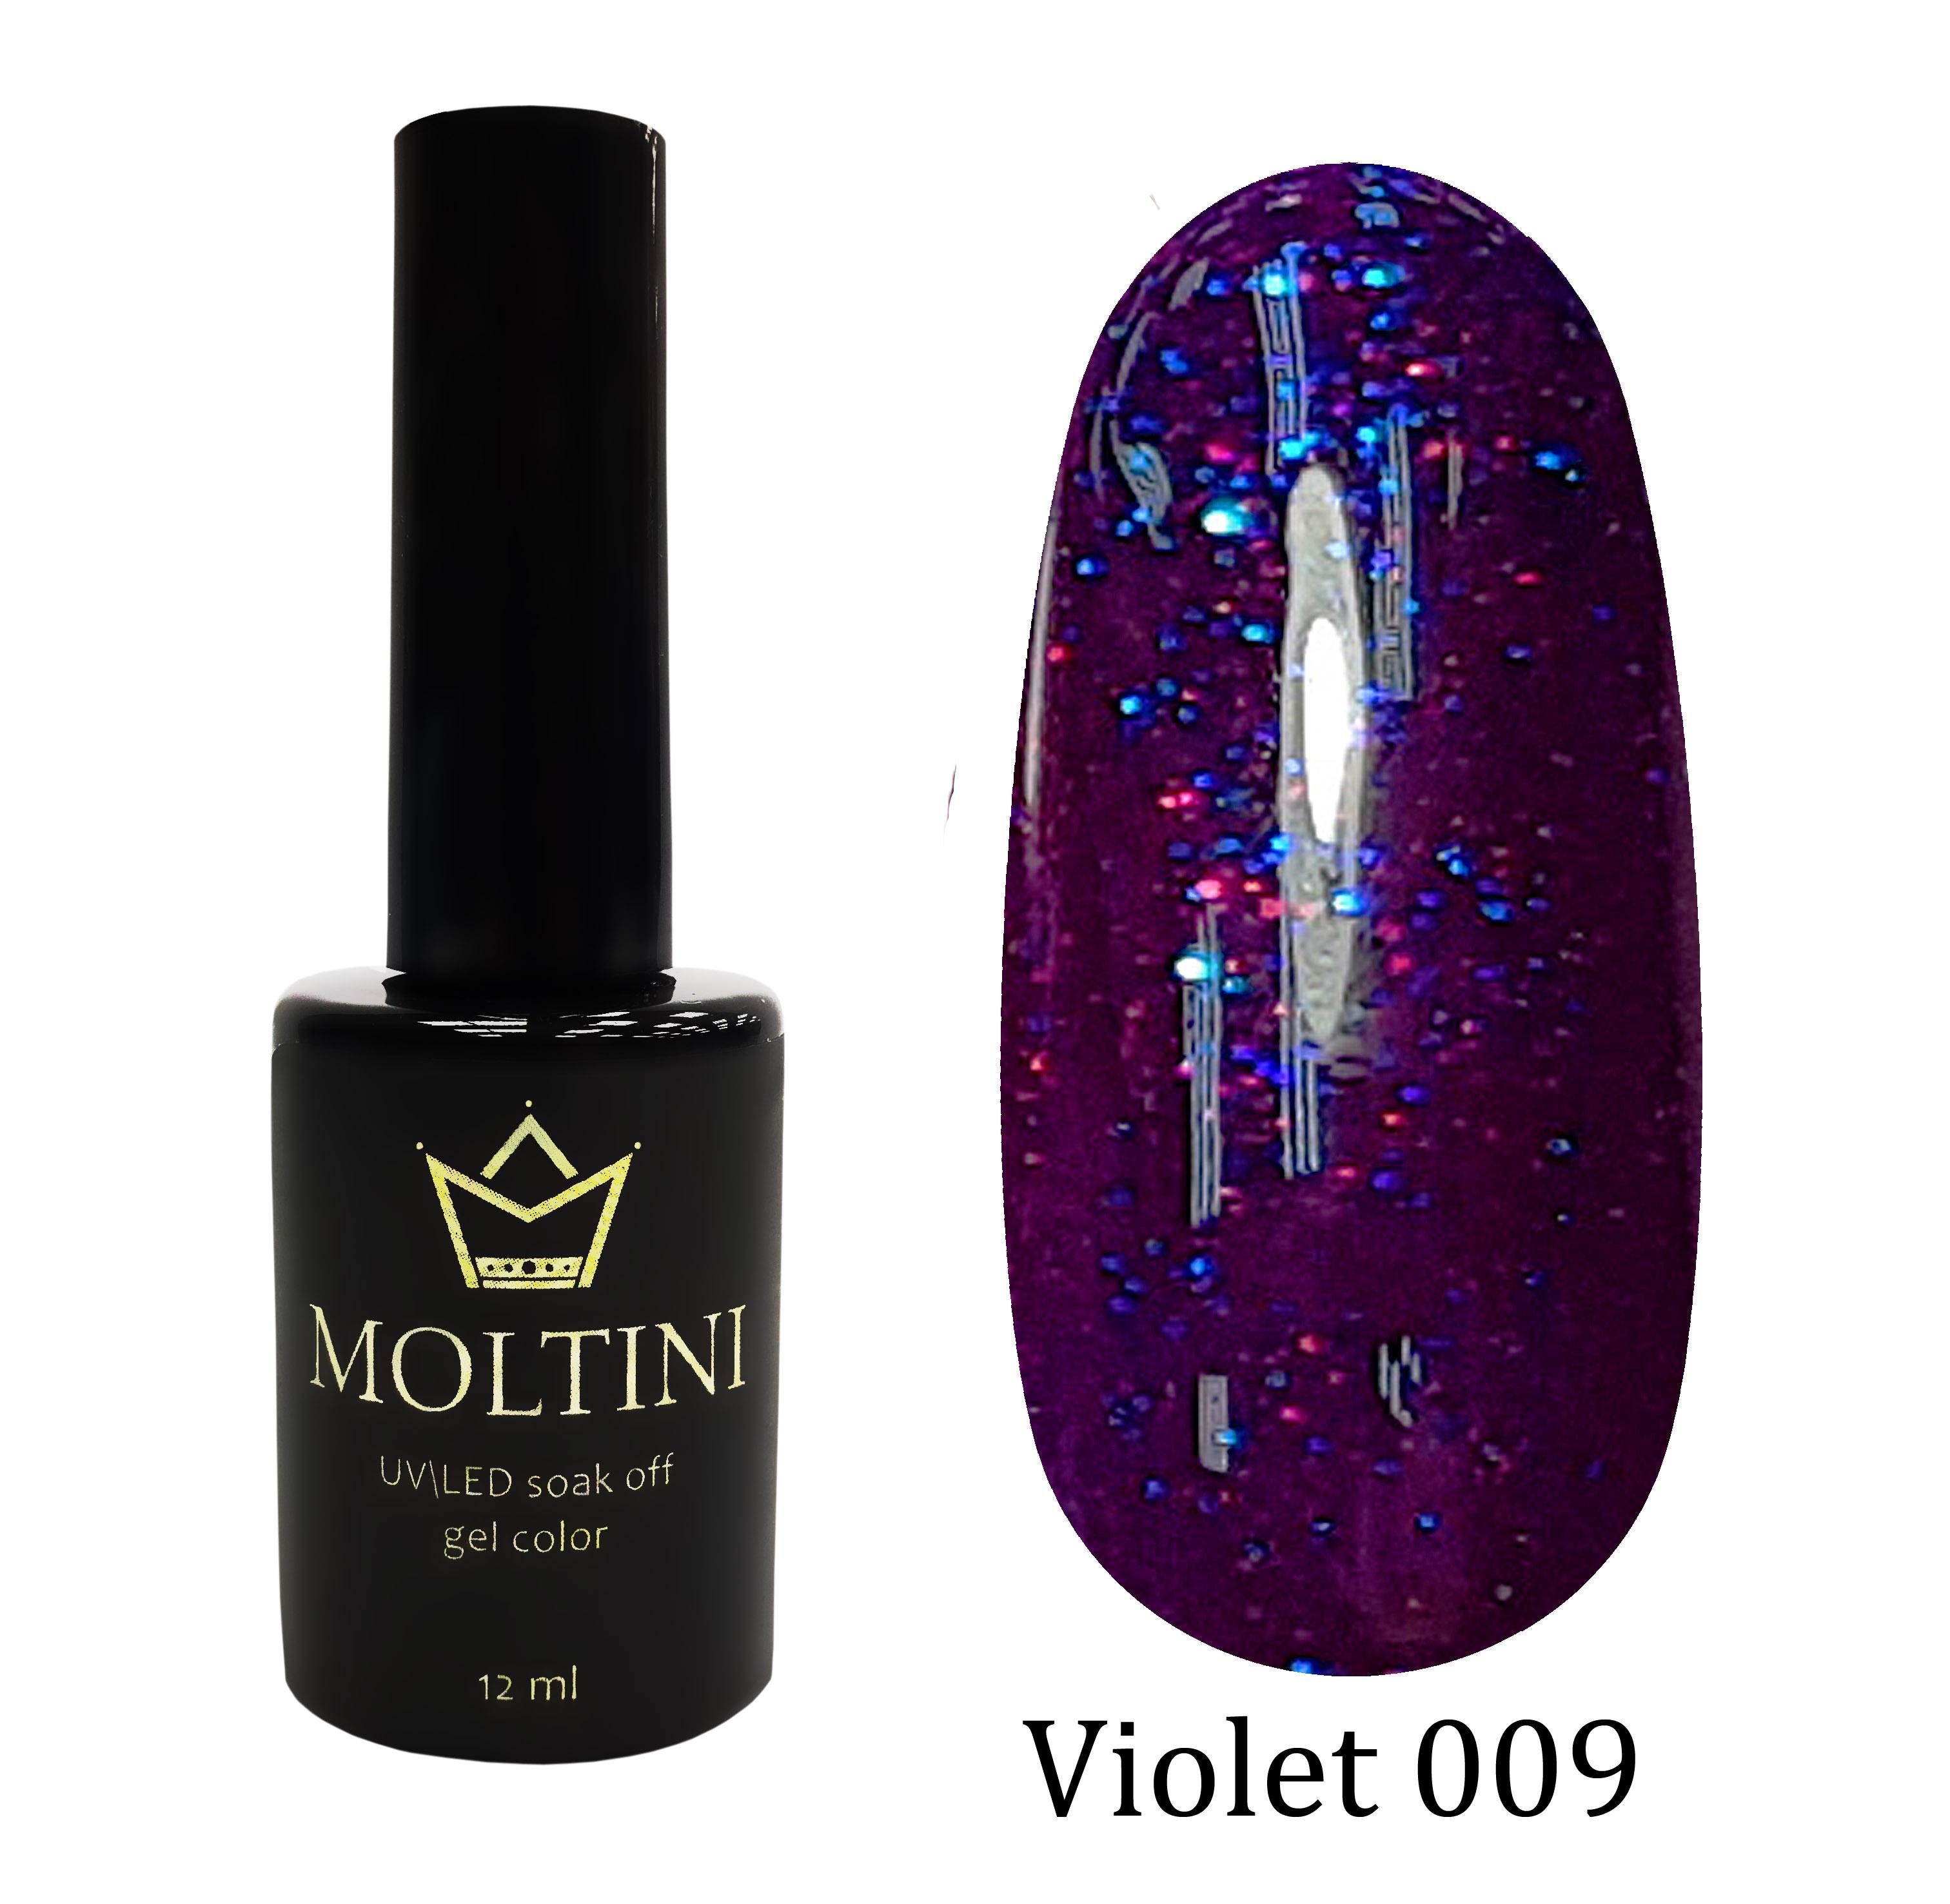 Гель-лак Moltini Violet 009, 12 ml